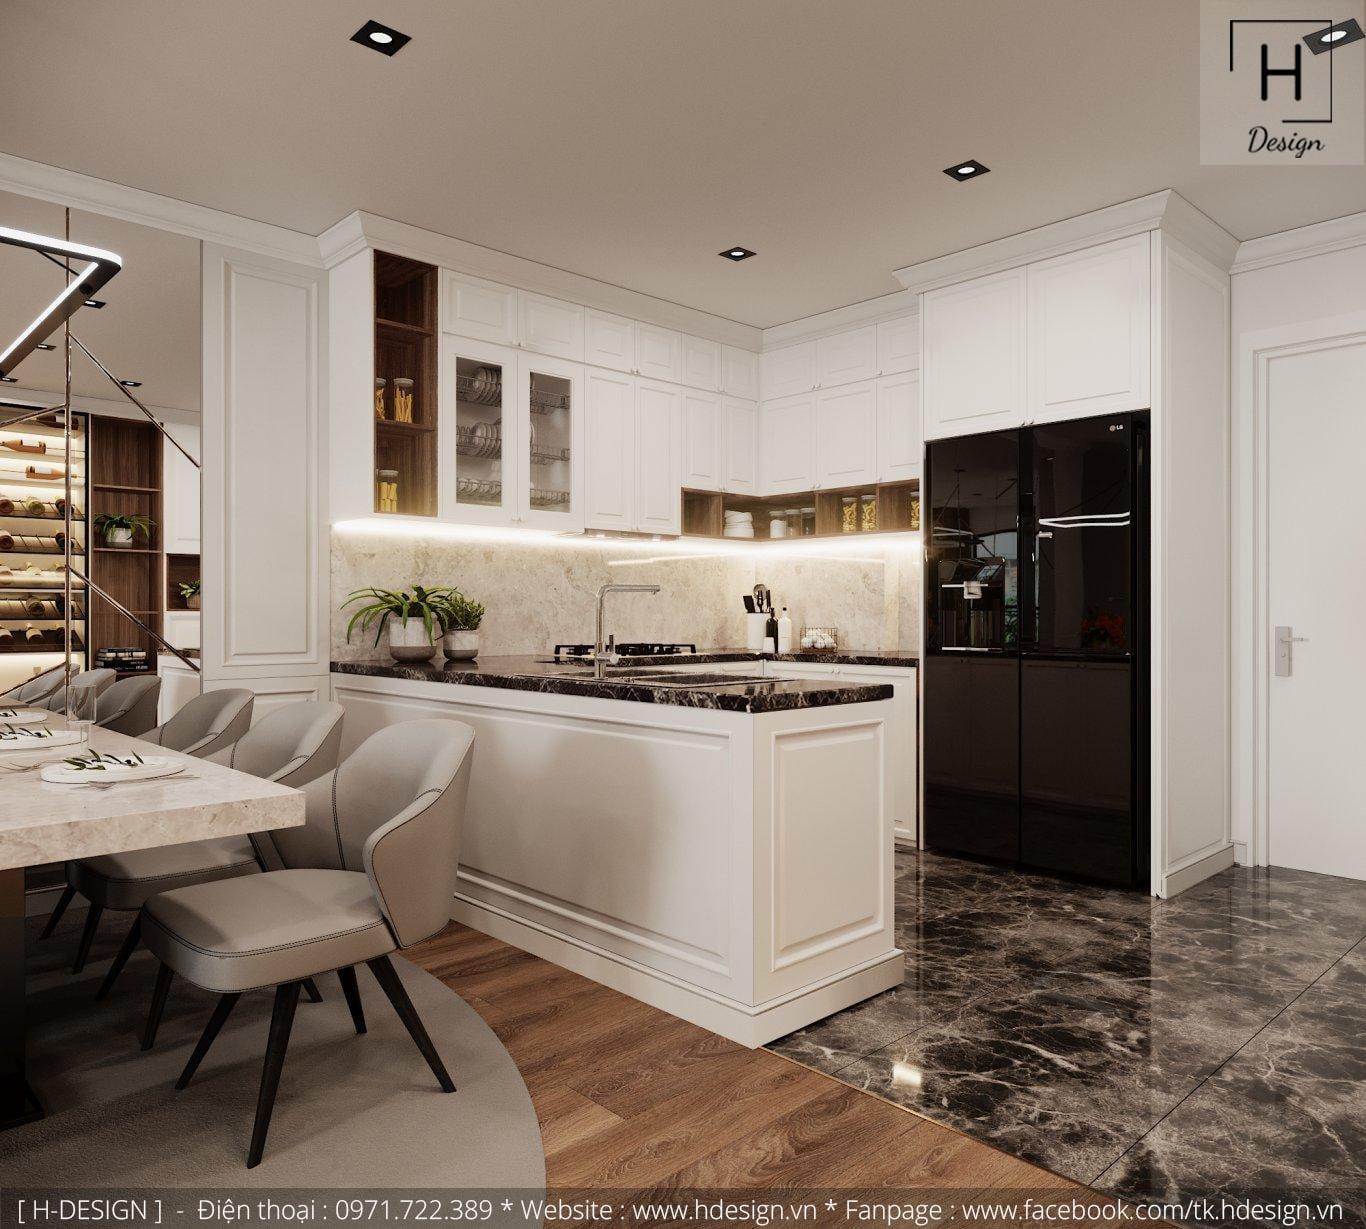 Thiết kế thi công nội thất đẹp cho căn hộ chung cư 86m2 -02